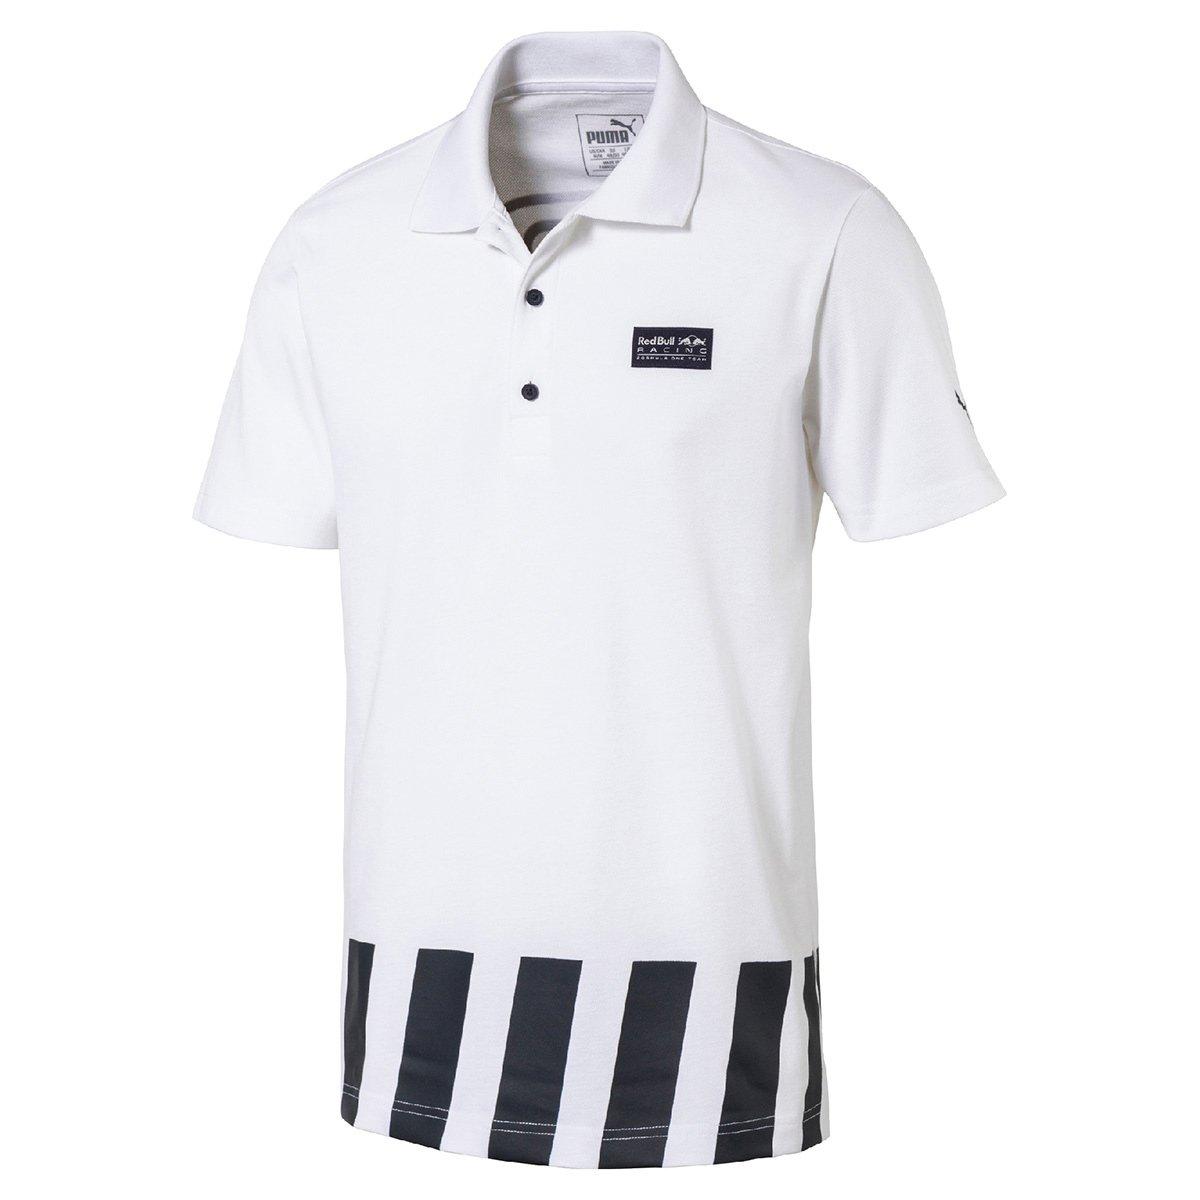 Camisa Polo Puma Red Bull Racing - Compre Agora  25c8c51832b